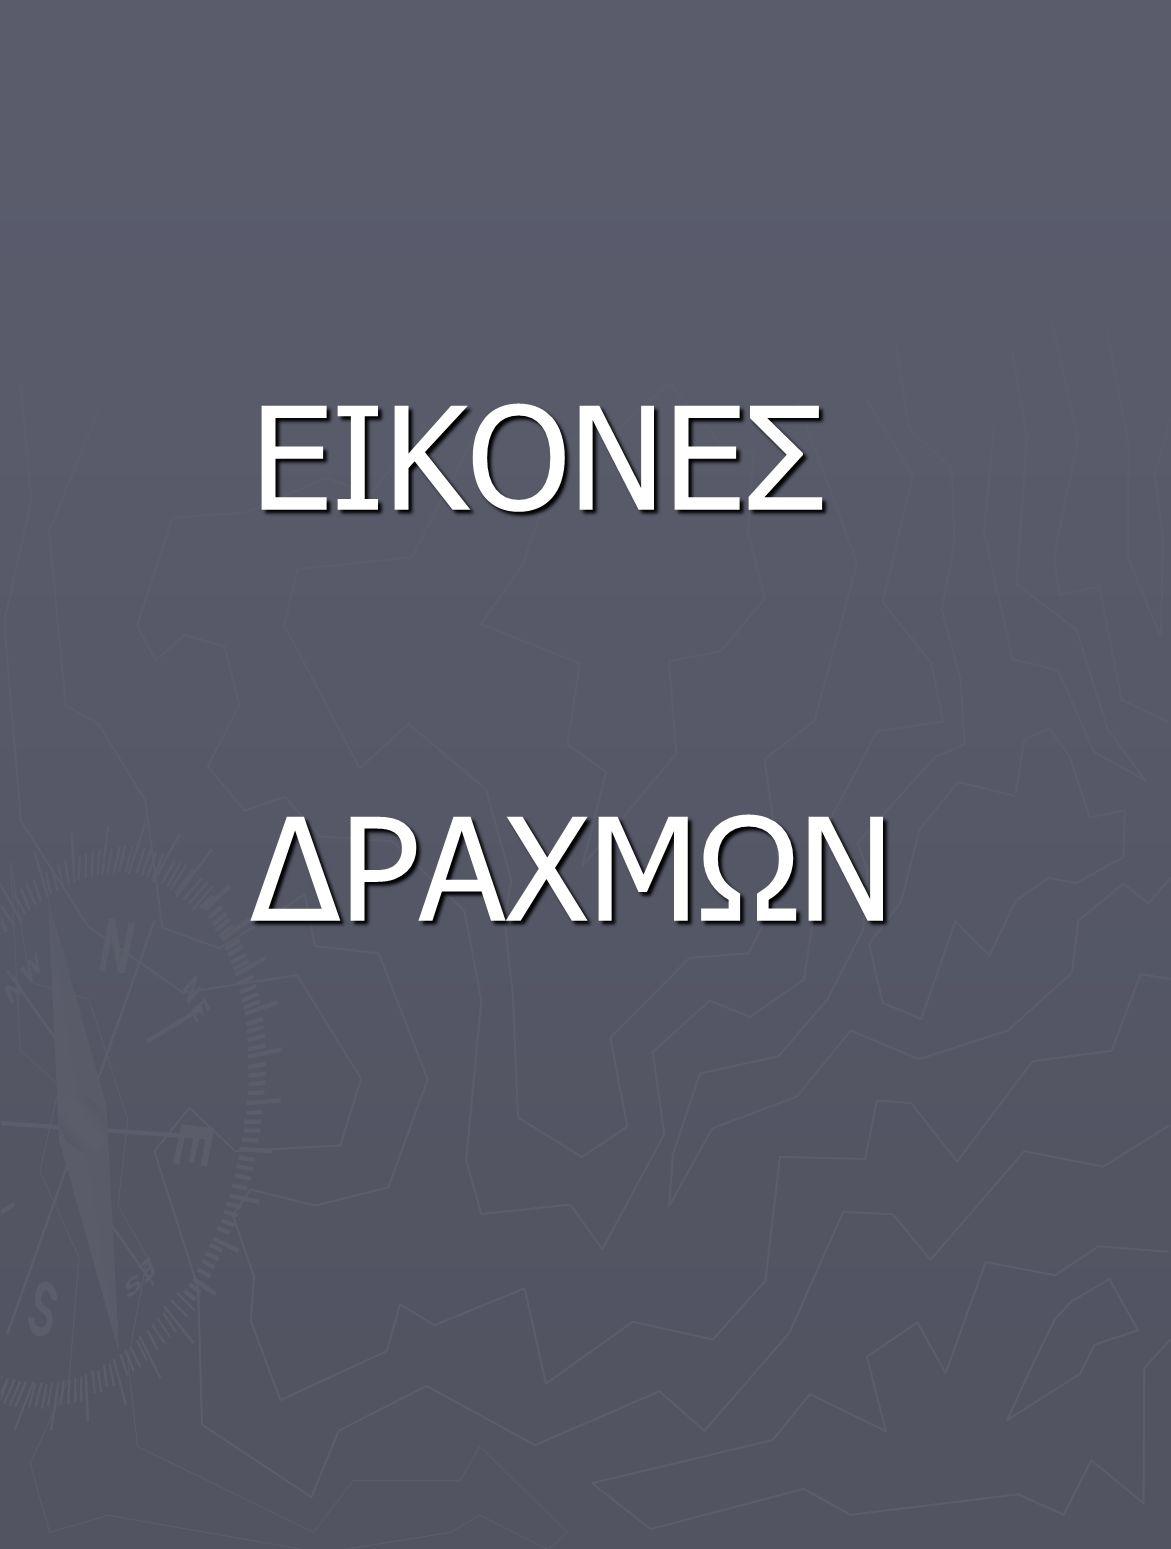 ΕΙΚΟΝΕΣ ΕΙΚΟΝΕΣ ΔΡΑΧΜΩΝ ΔΡΑΧΜΩΝ